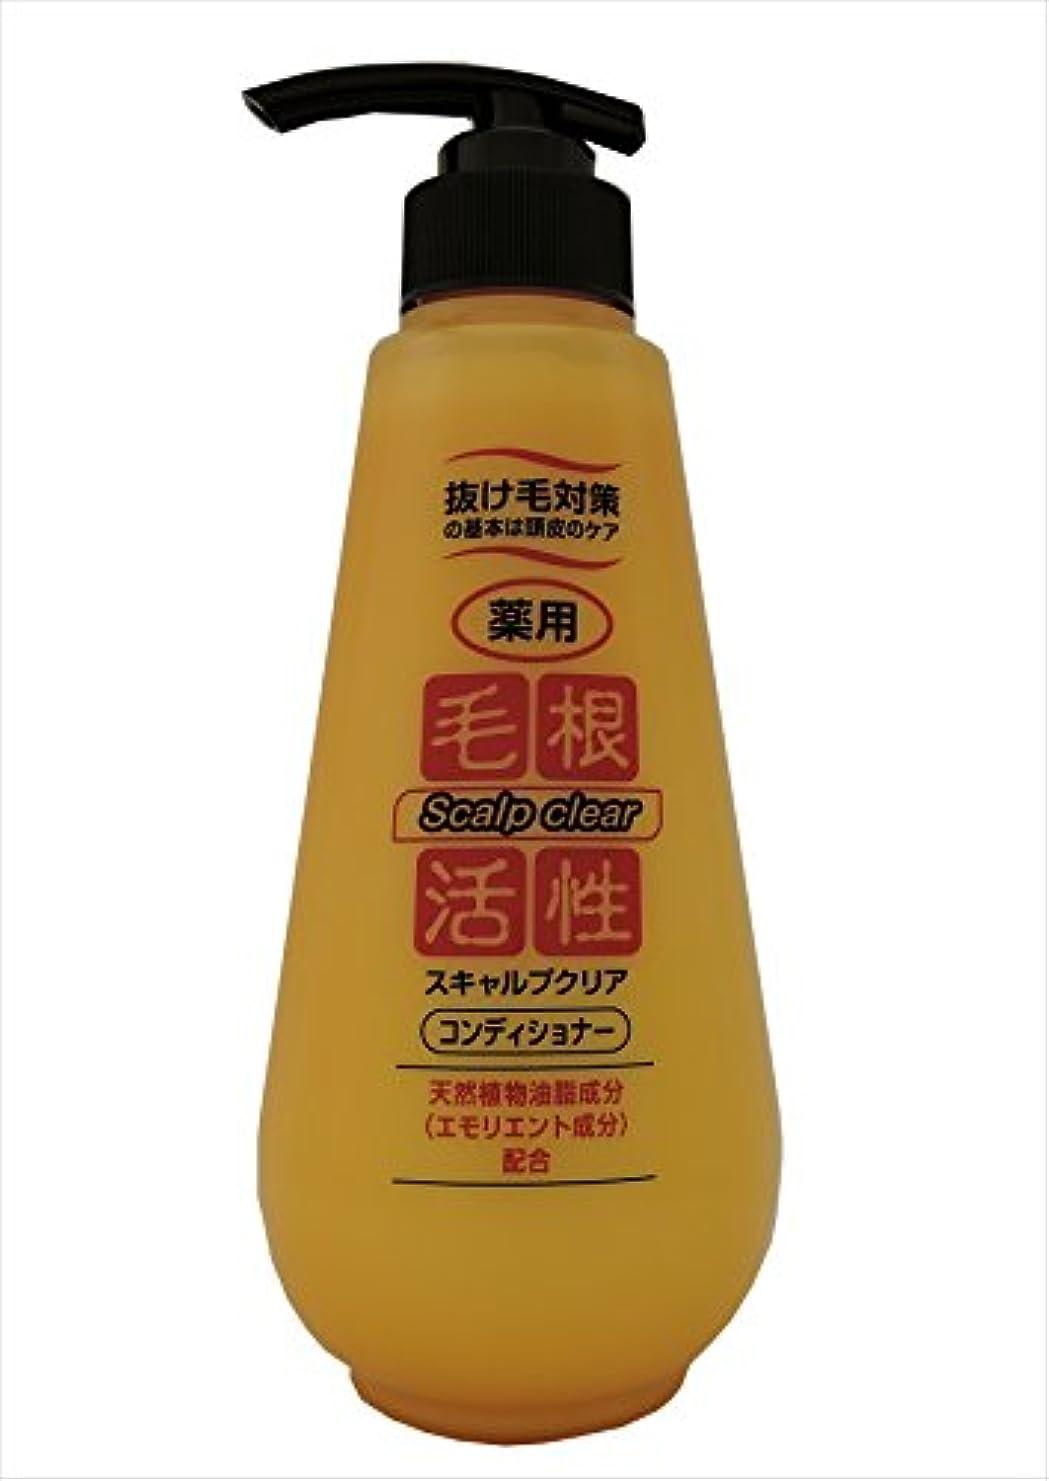 スイクラッチラインナップ薬用 毛根活性 コンディショナー 500ml